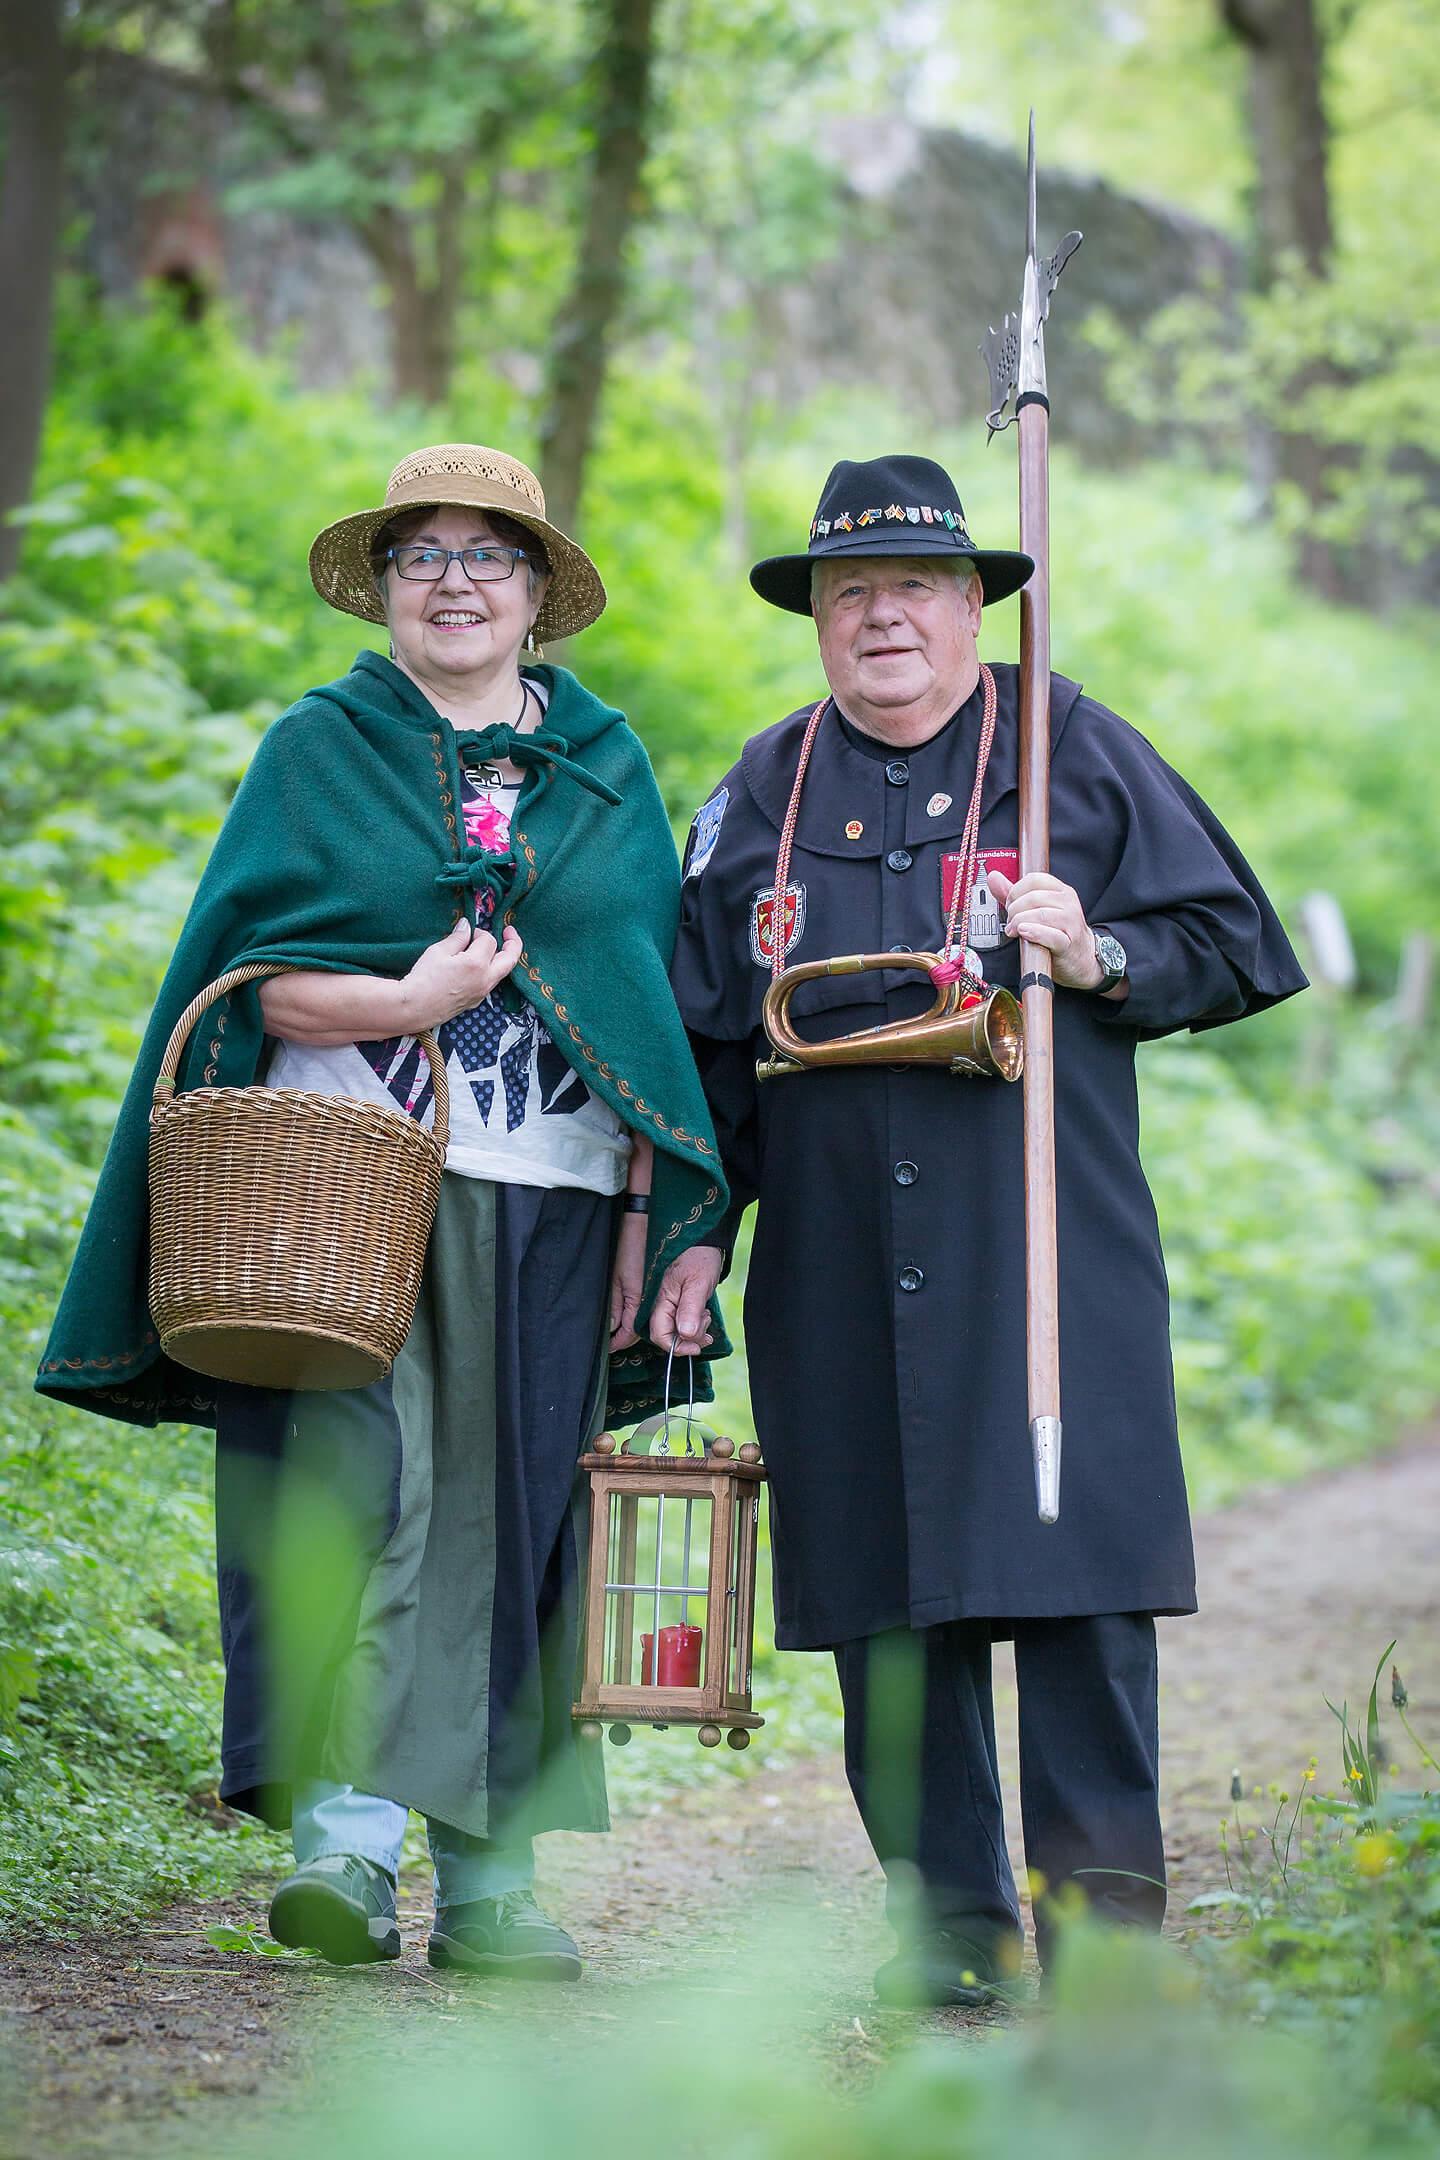 Traditionell gekleidet